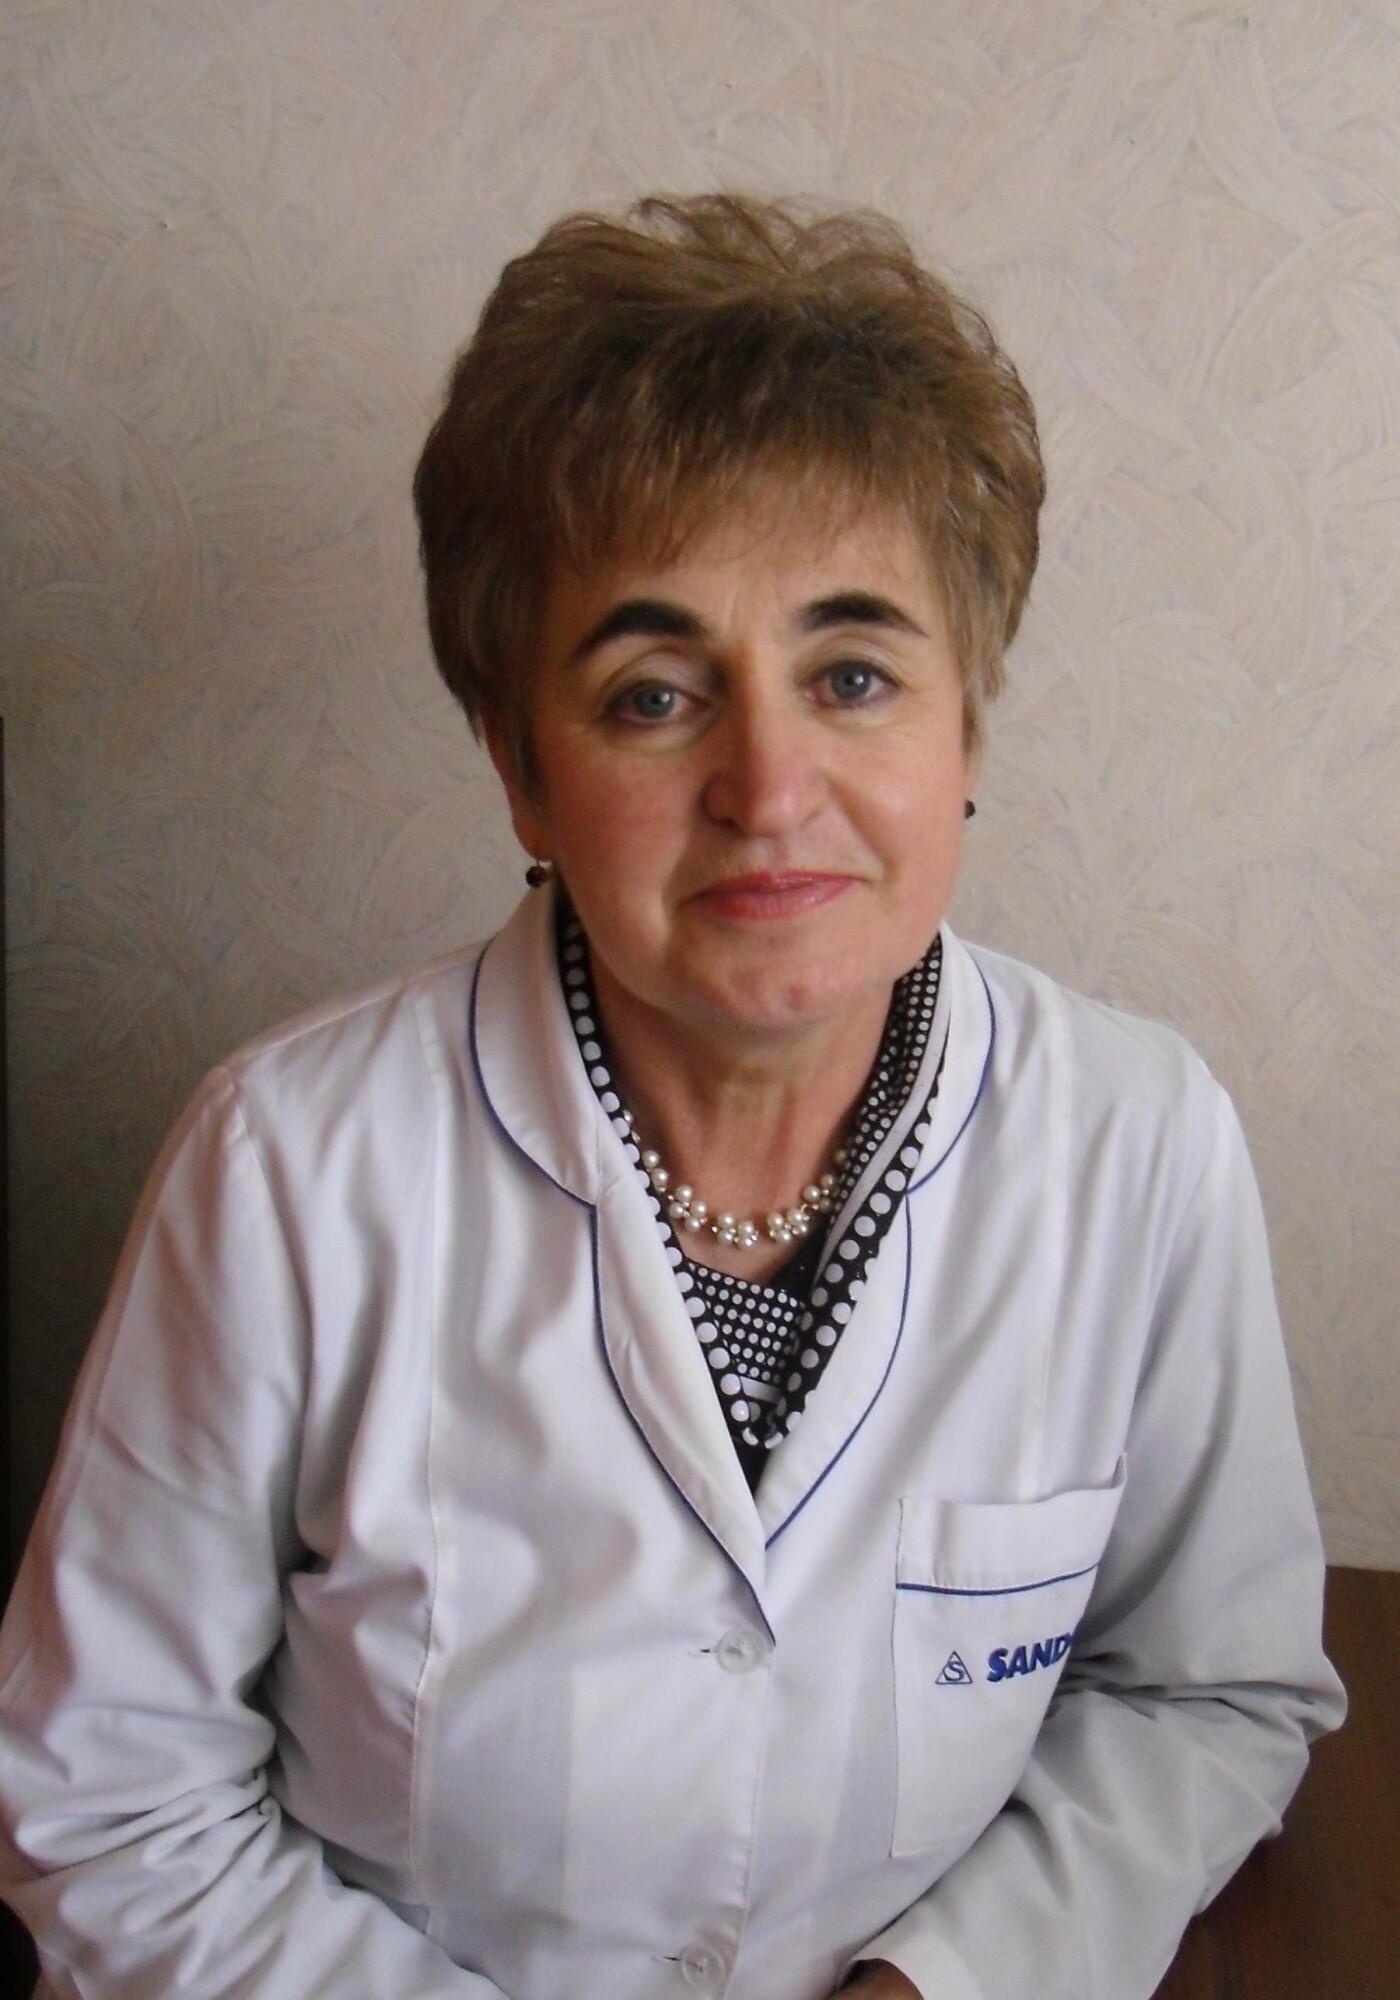 Медики Краматорска: как уберечь малыша от кишечной инфекции?, фото-1